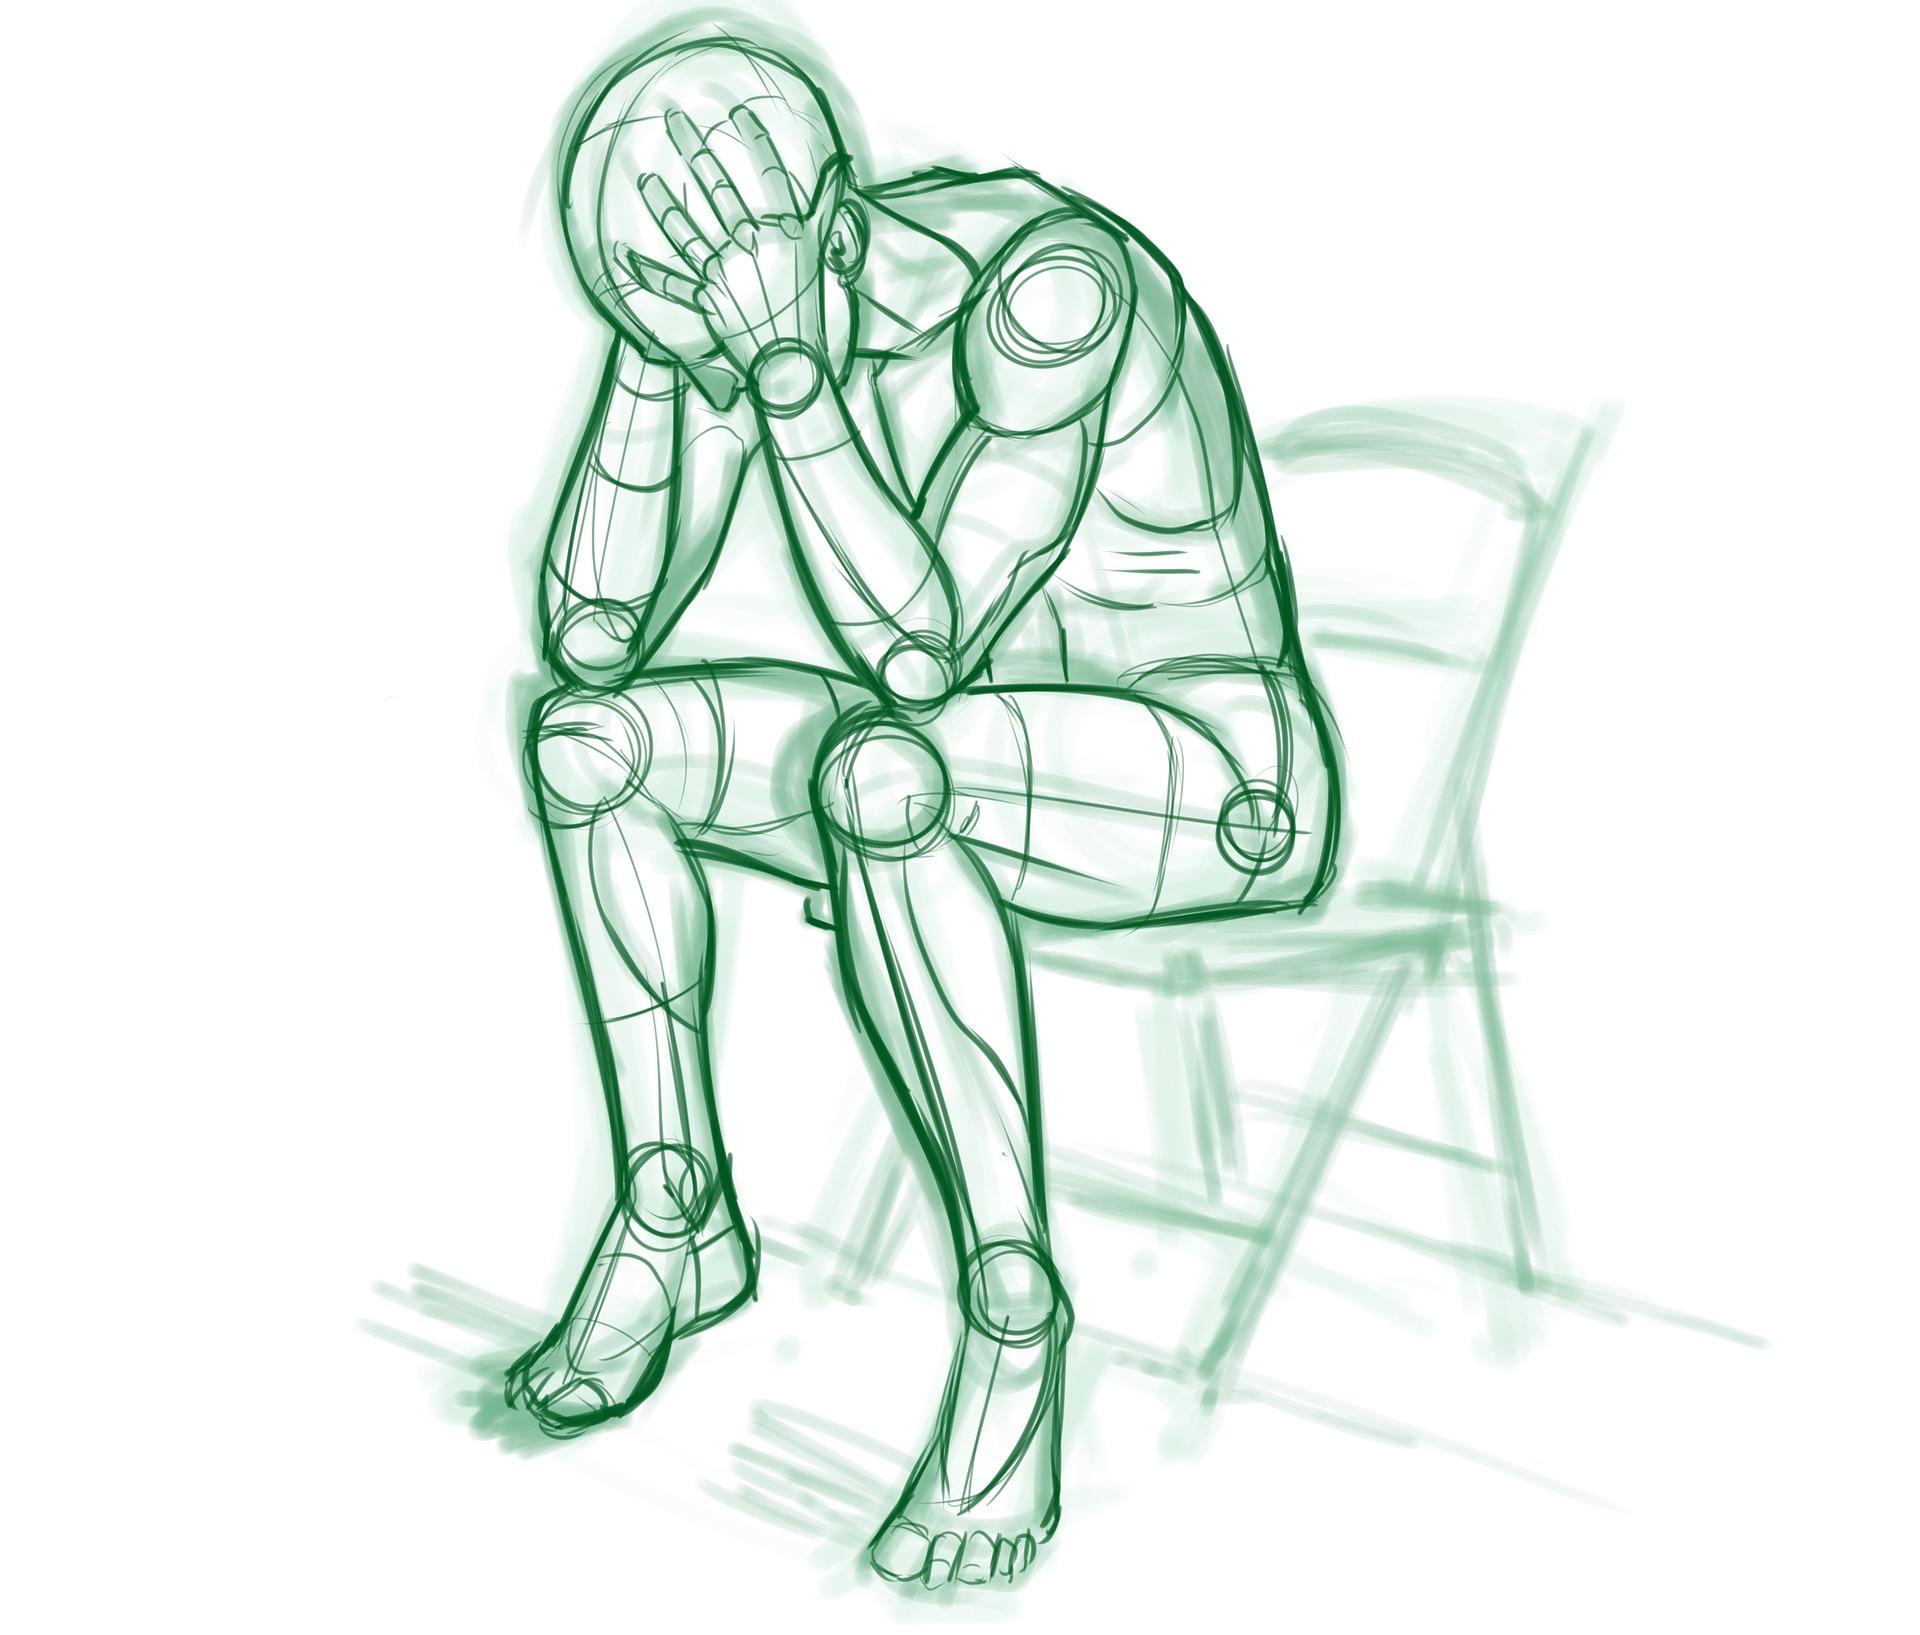 Schizzo di persona affaticata seduta su una sedia